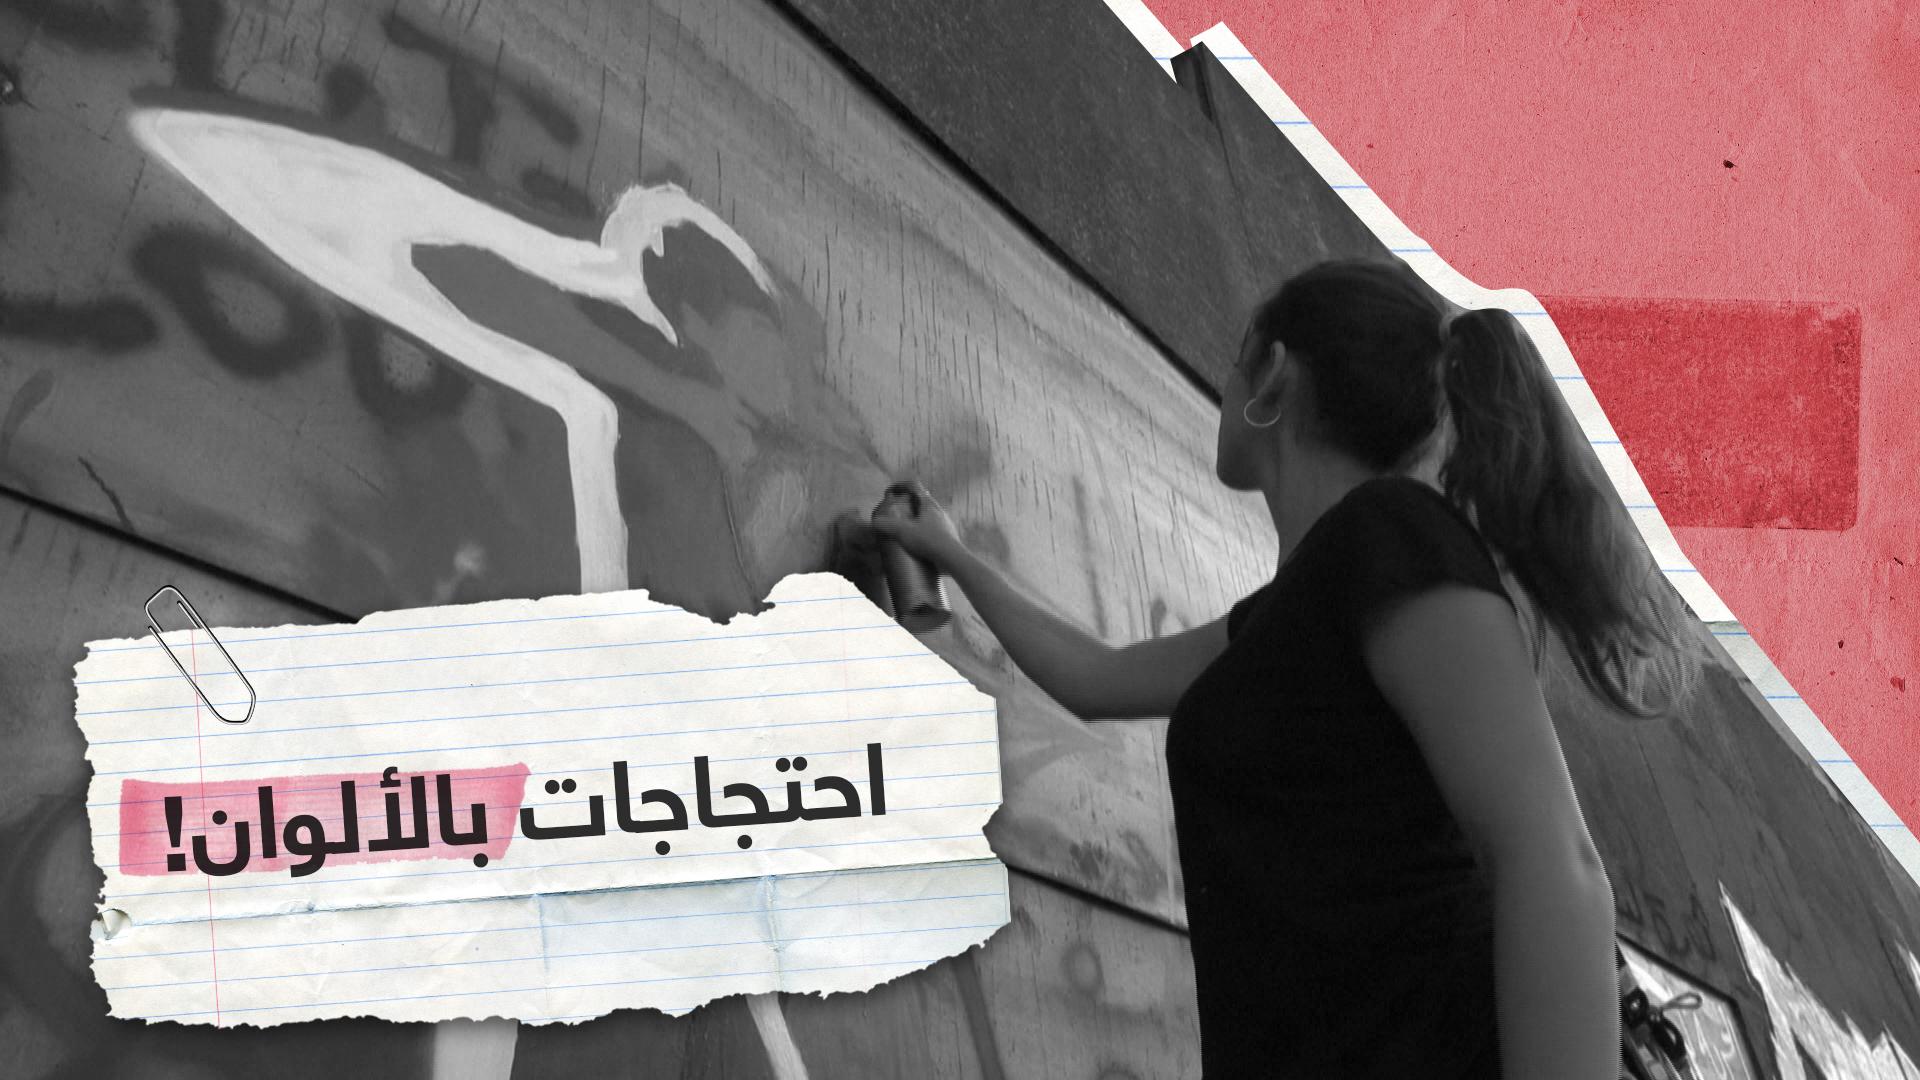 بألوان زاهية.. فن الغرافيتي يحتل جدران بيروت